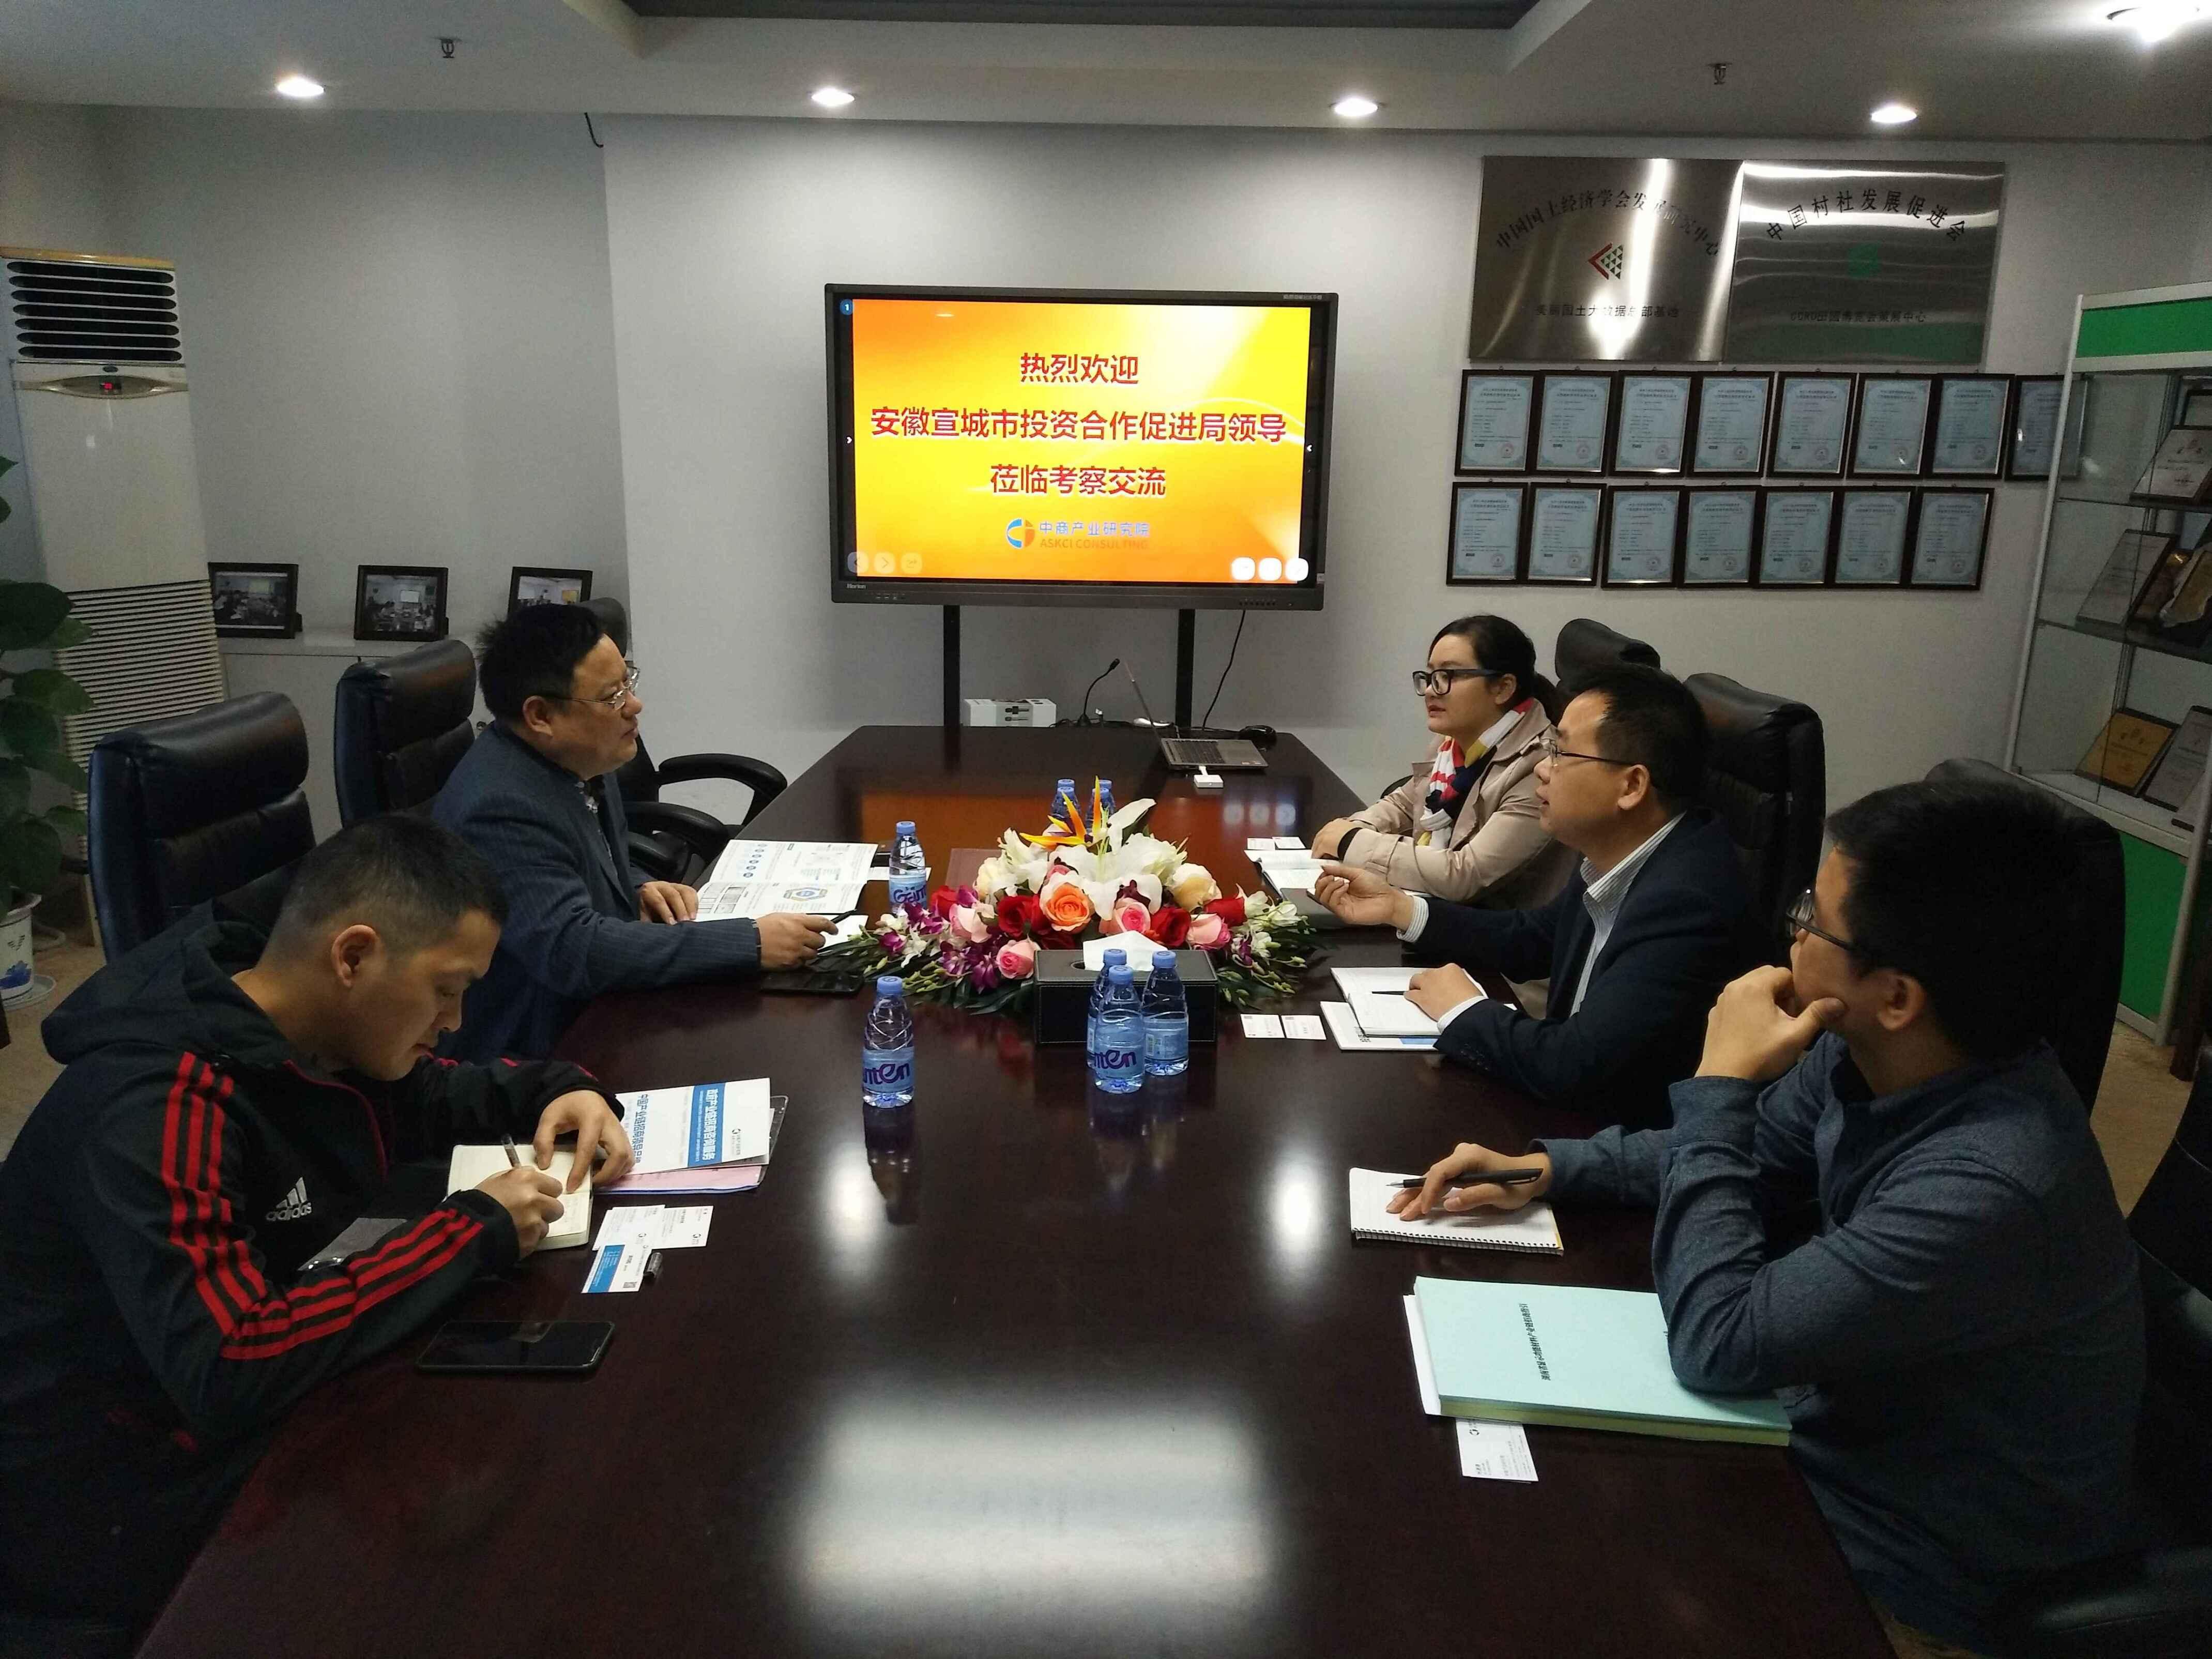 安徽宣城市投促局来访中商产业研究院